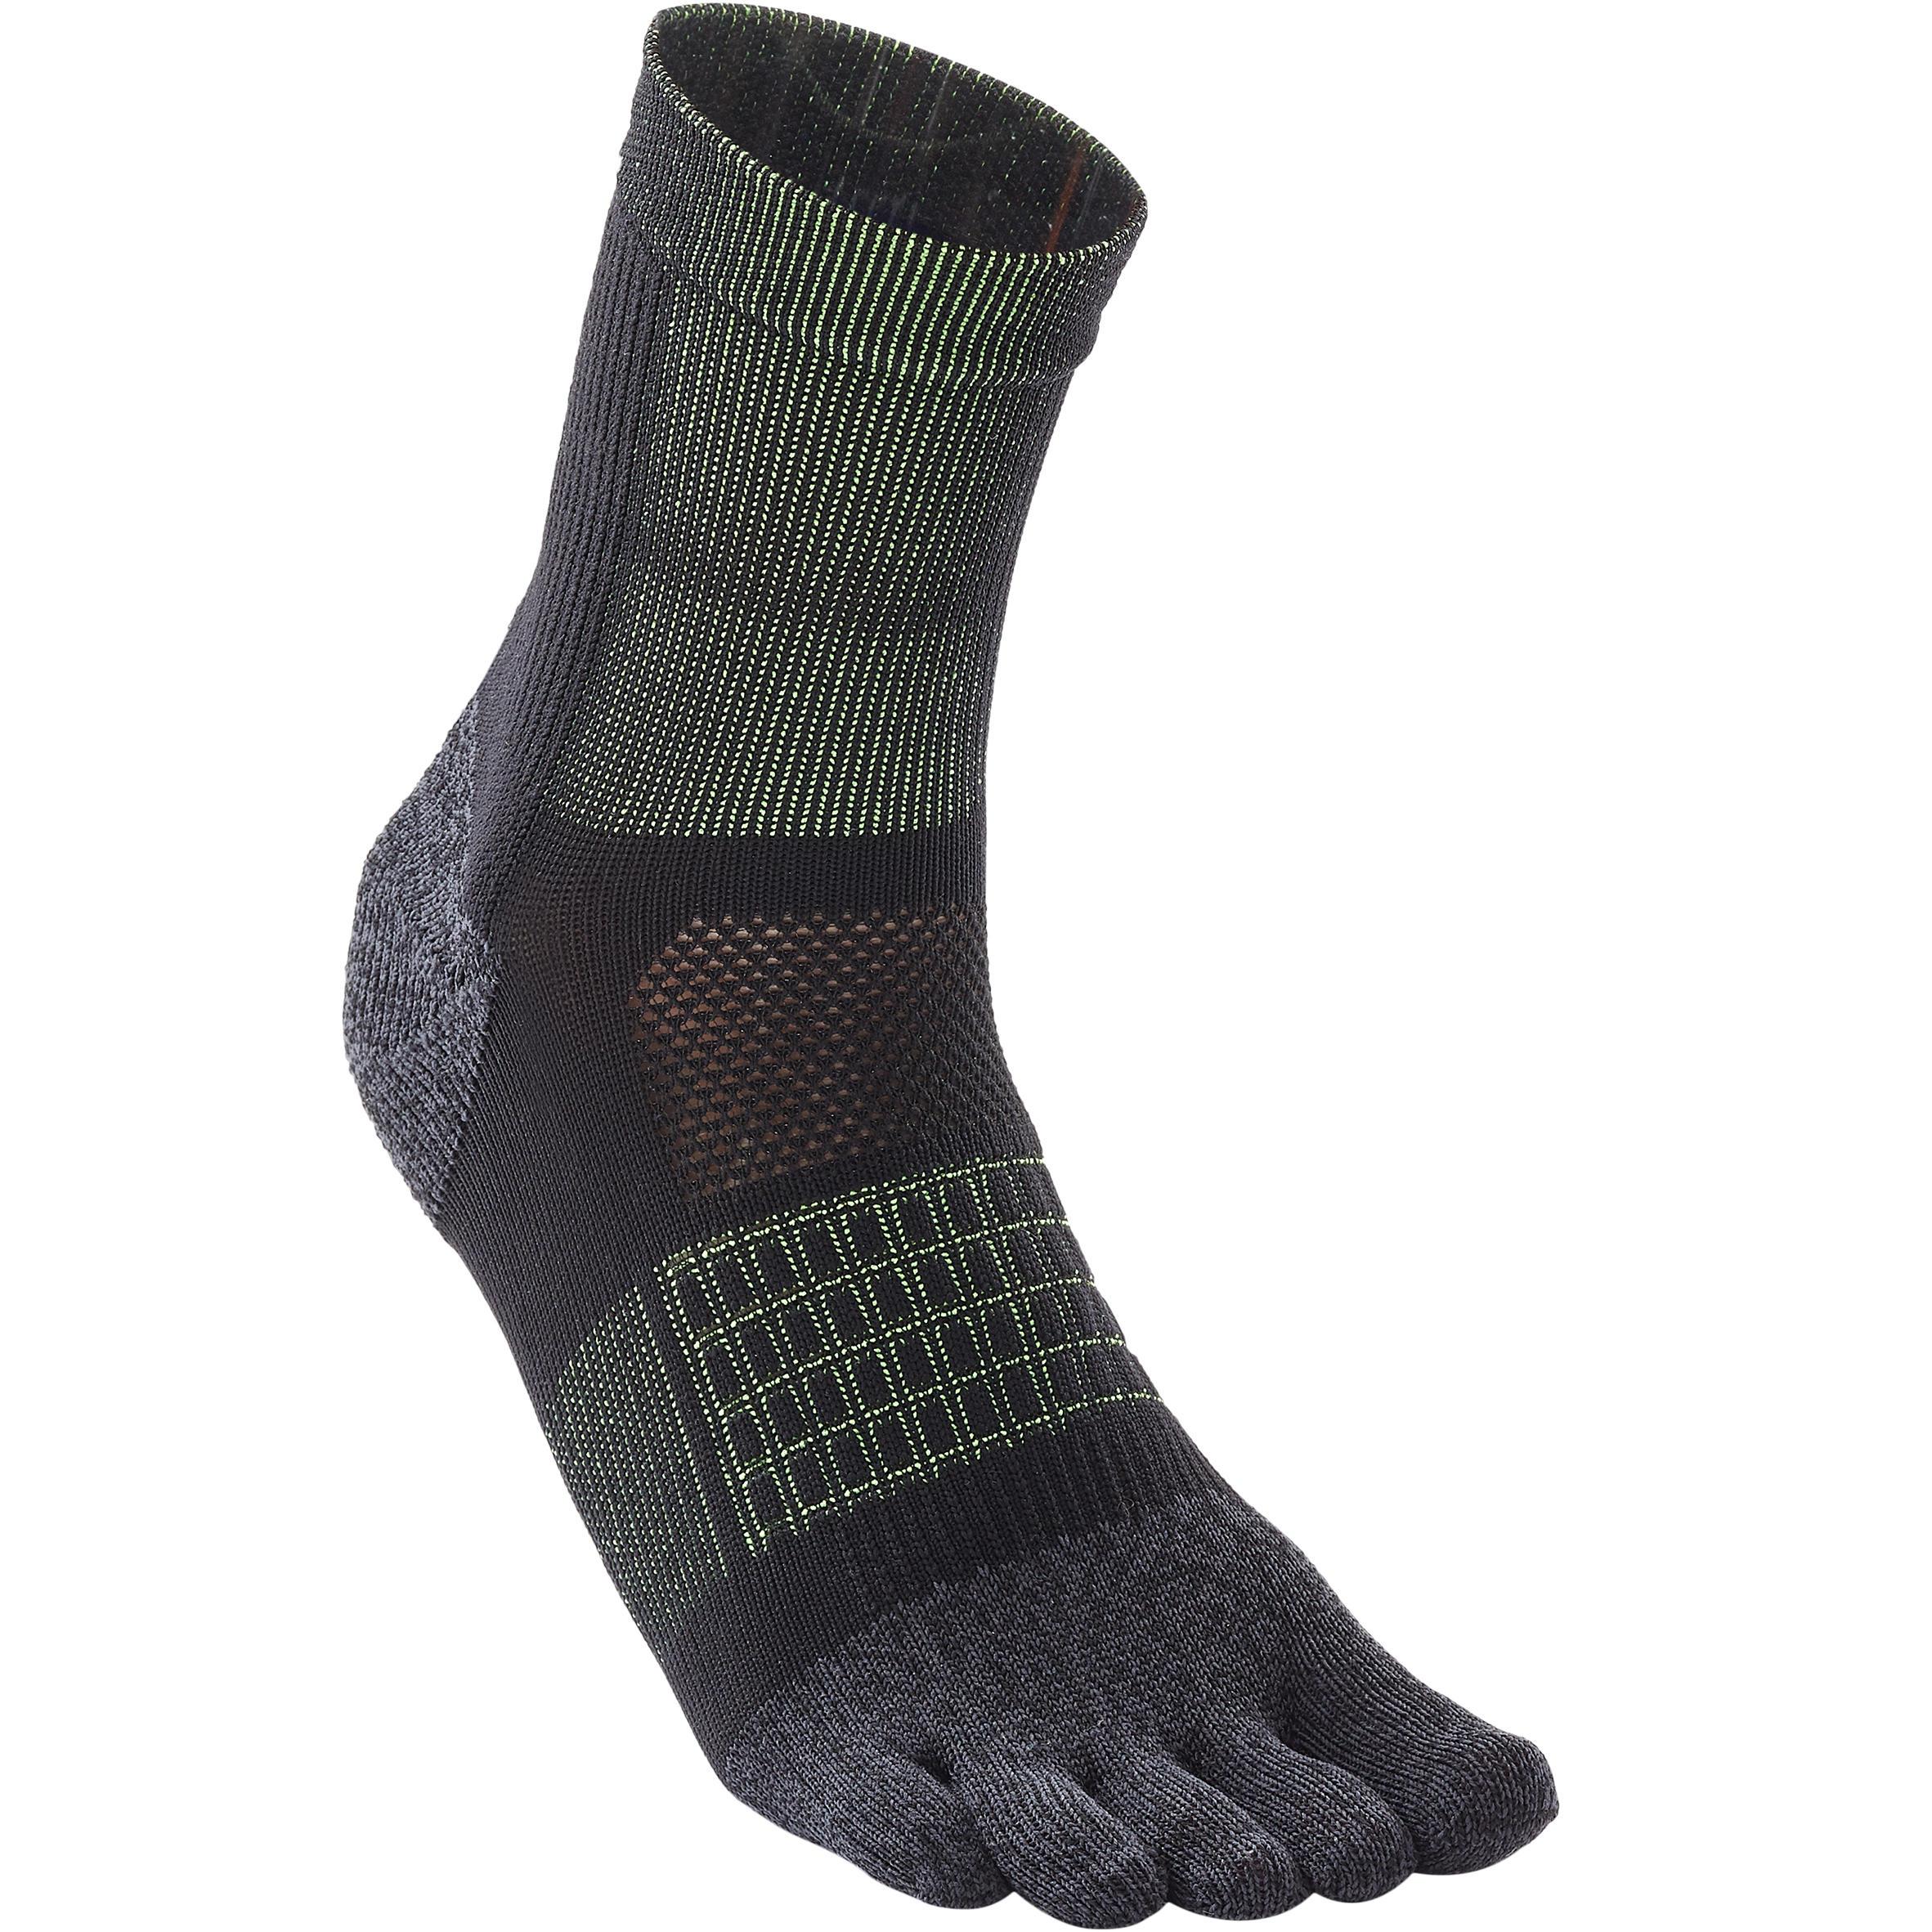 RUNNING 5-FINGER SOCKS - BLACK/YELLOW